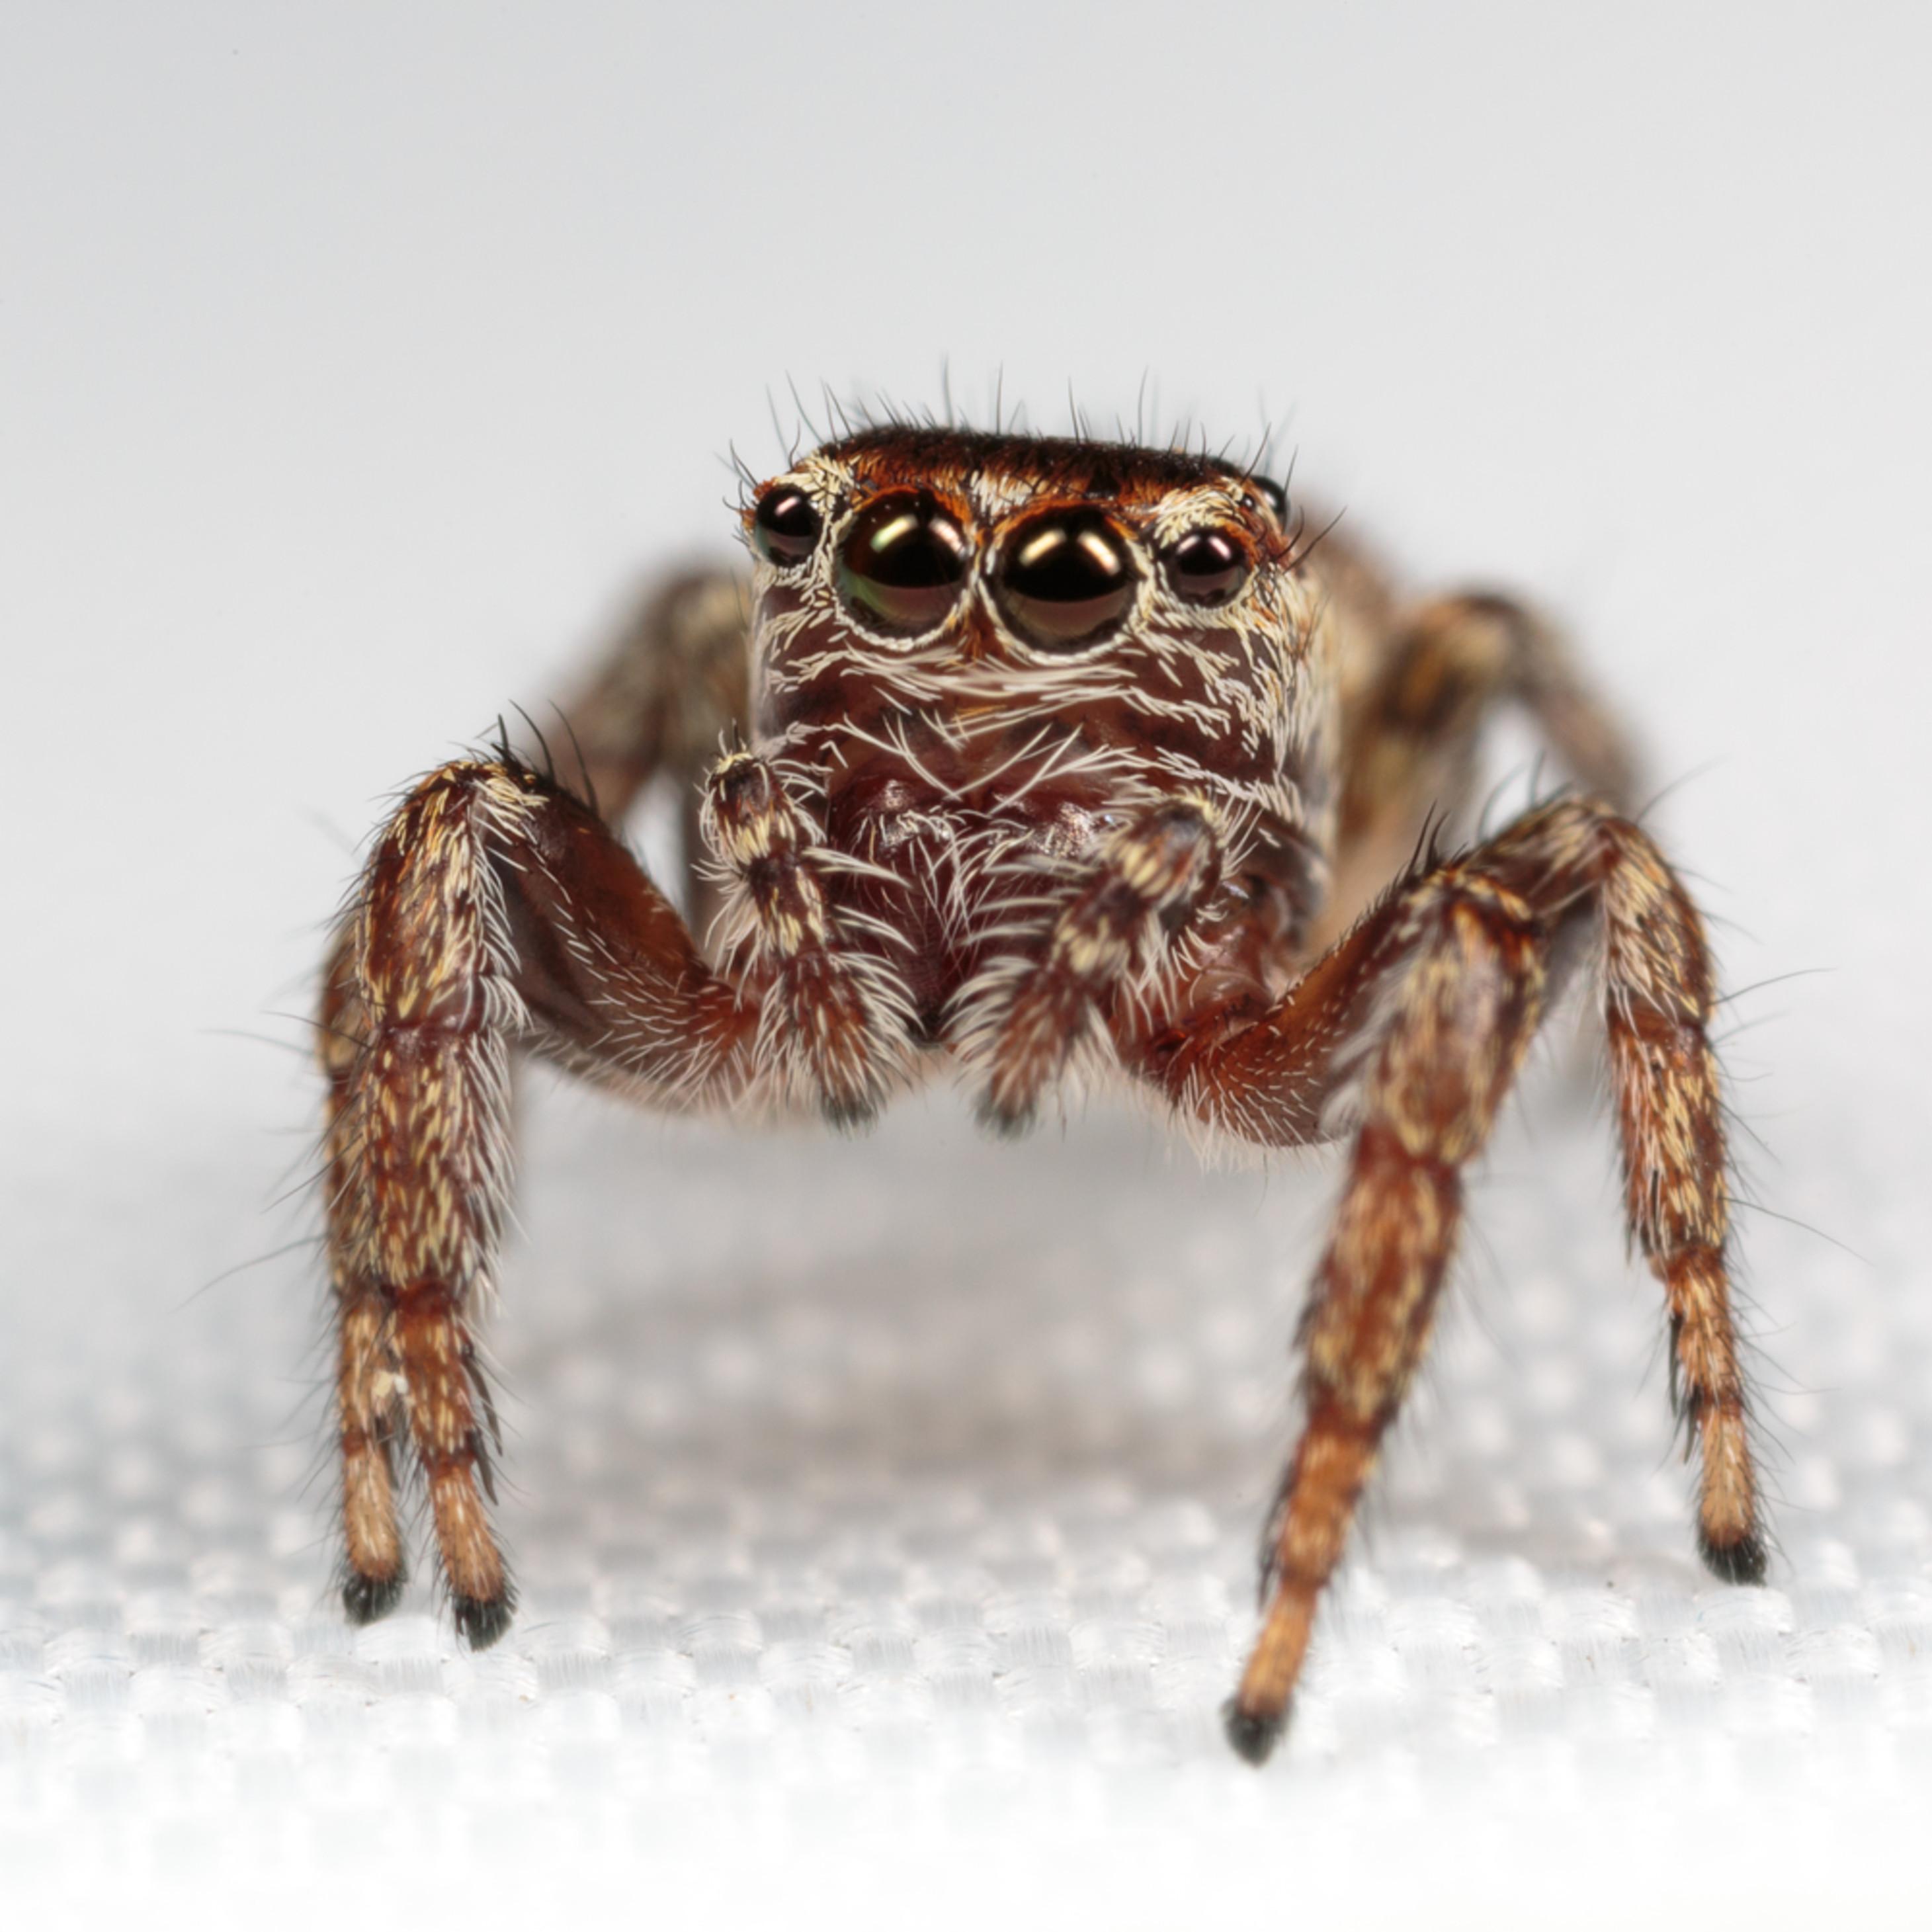 20160829 spider id 00091 zdx0zg